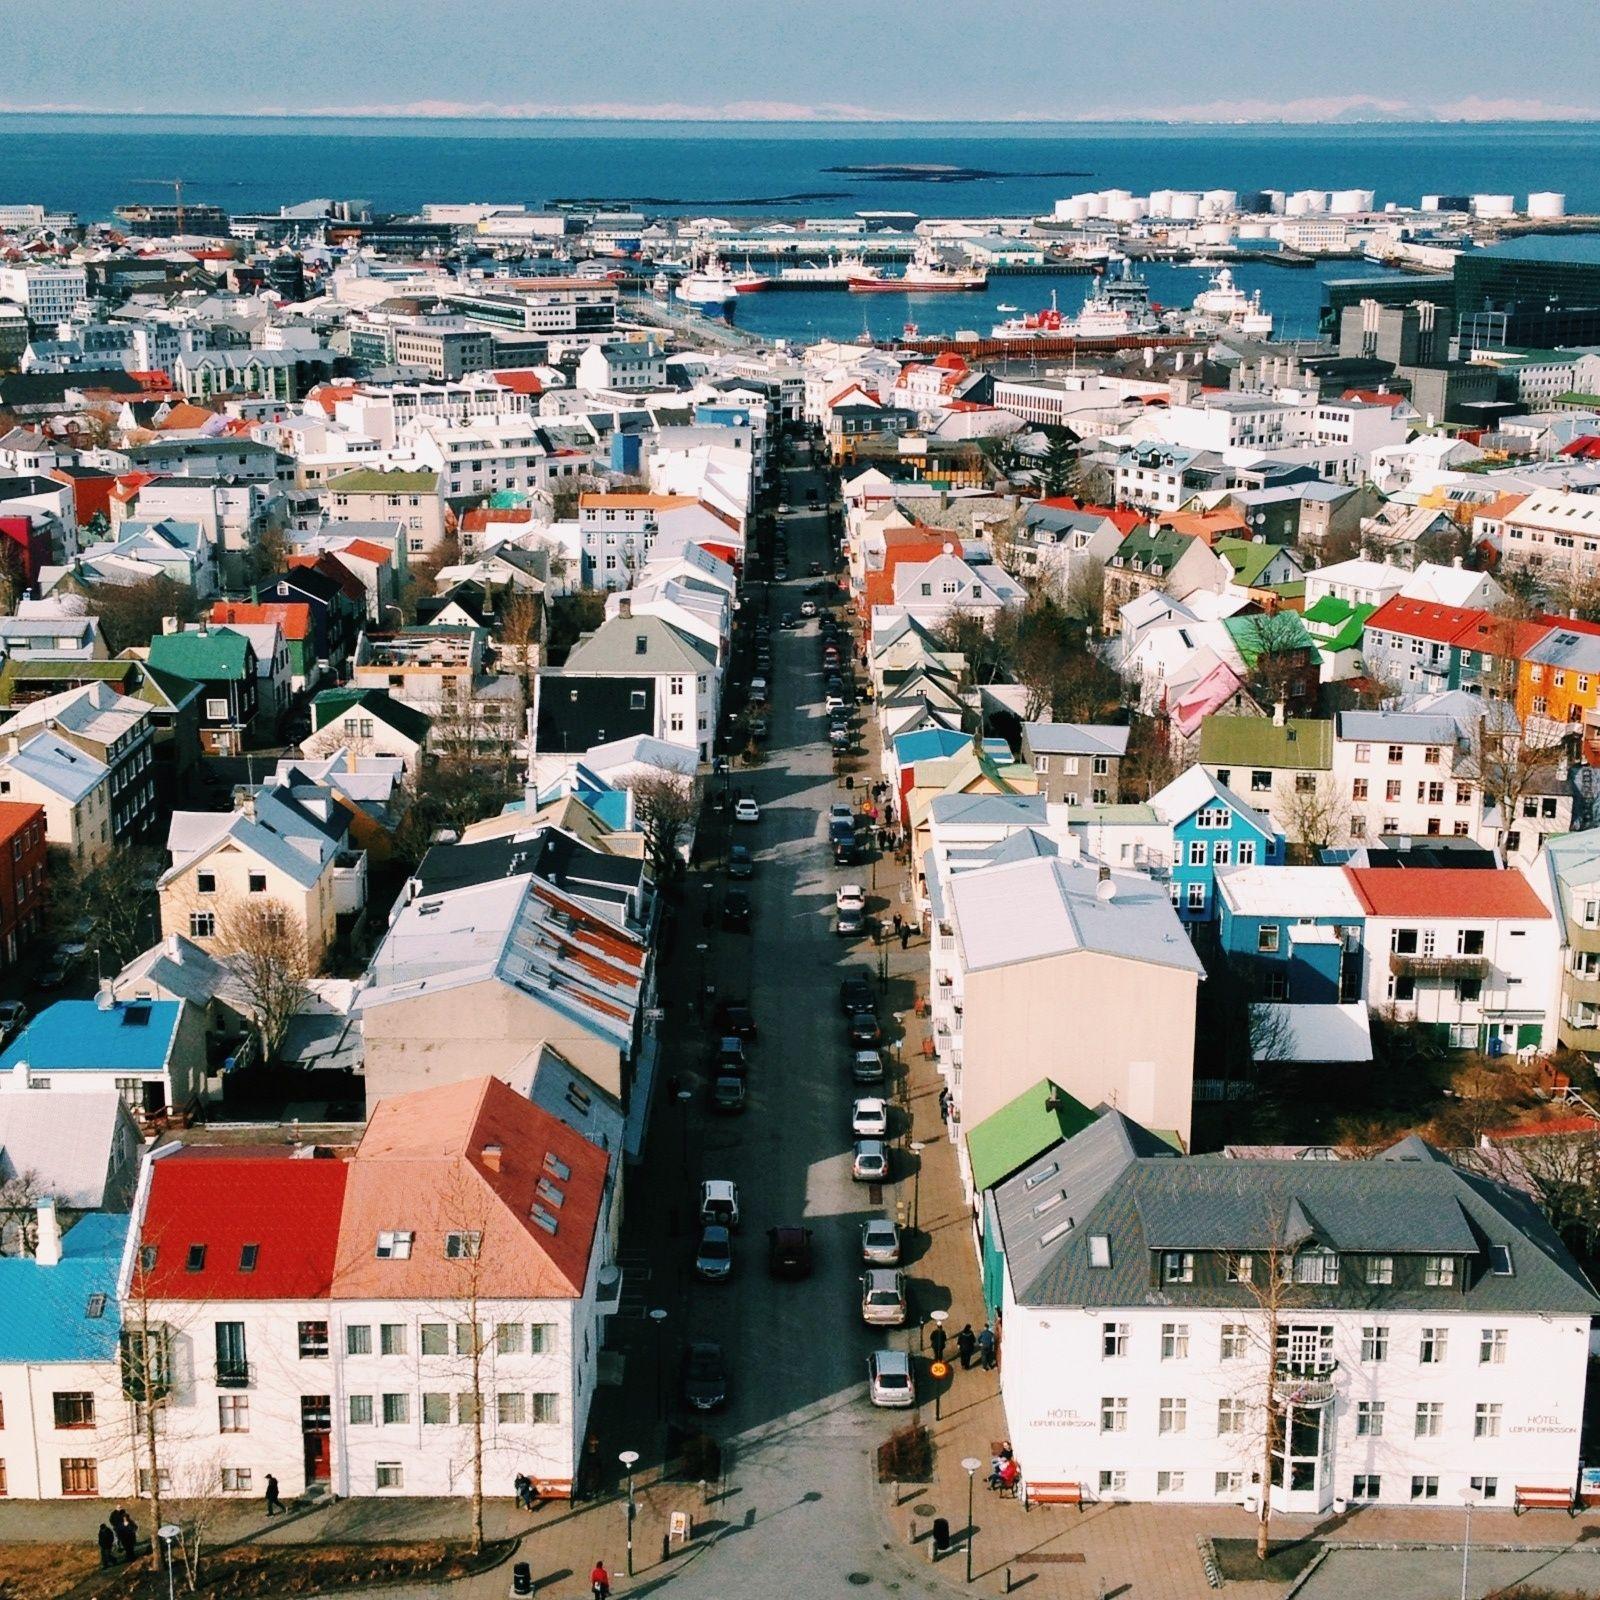 Reykjavik / photo by codename